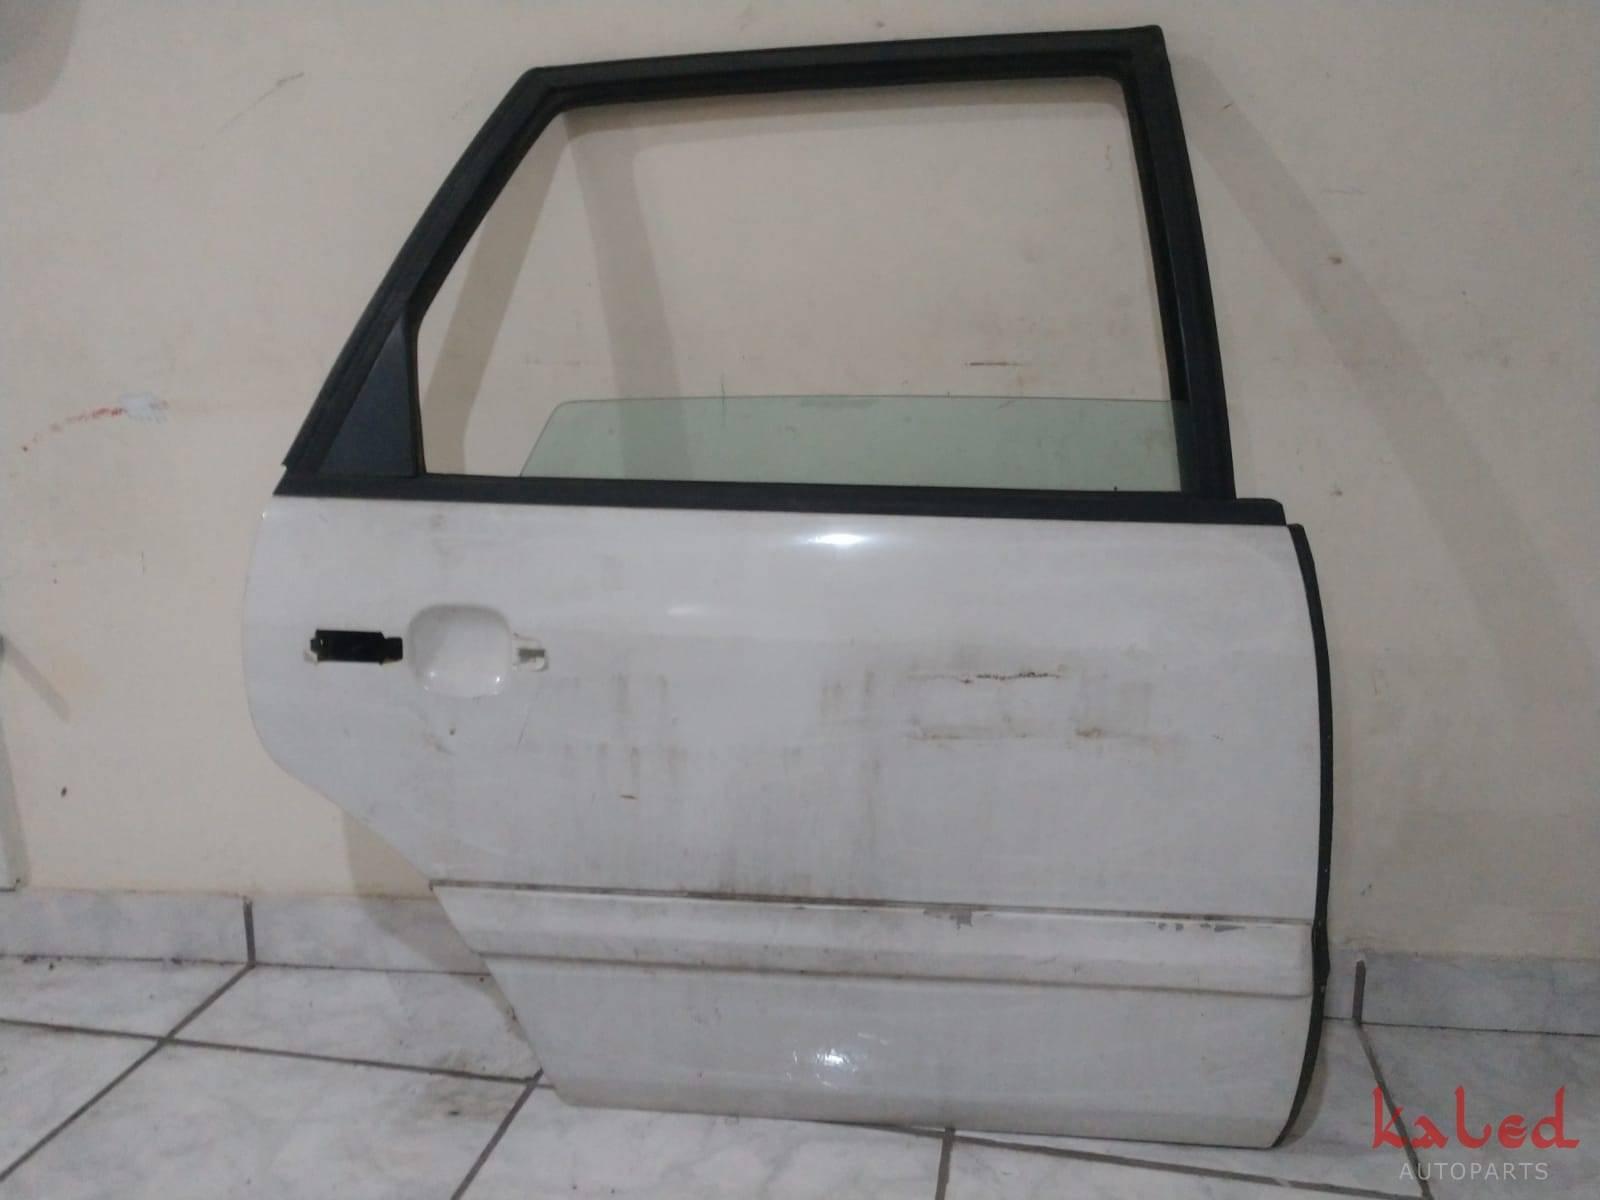 Porta traseira direita VW Passat 93 a 96 - Kaled Auto Parts